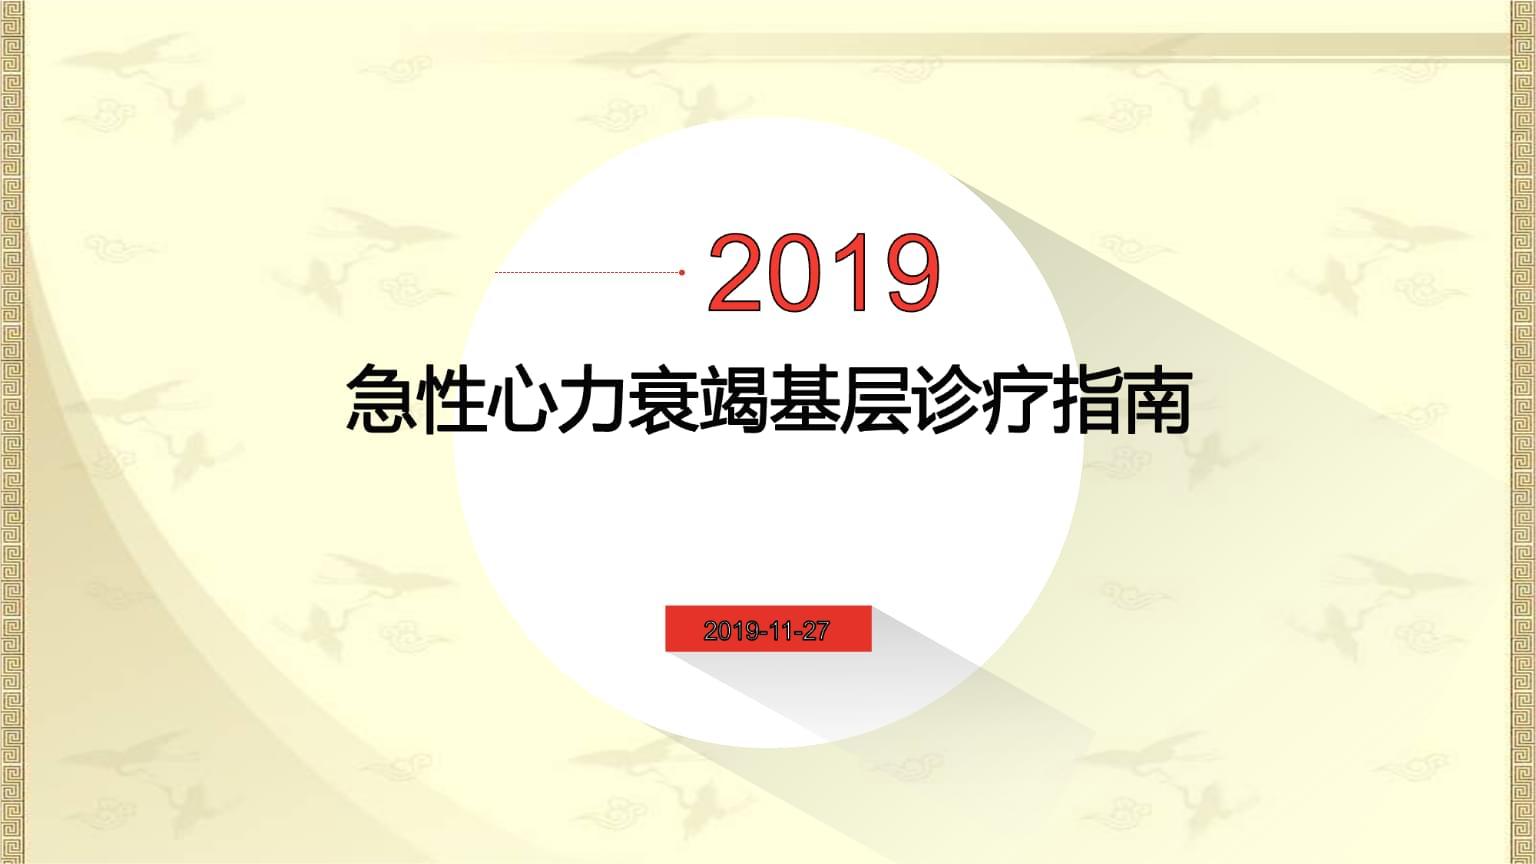 急性心力衰竭基层诊疗指南(2019年)版解读-.ppt